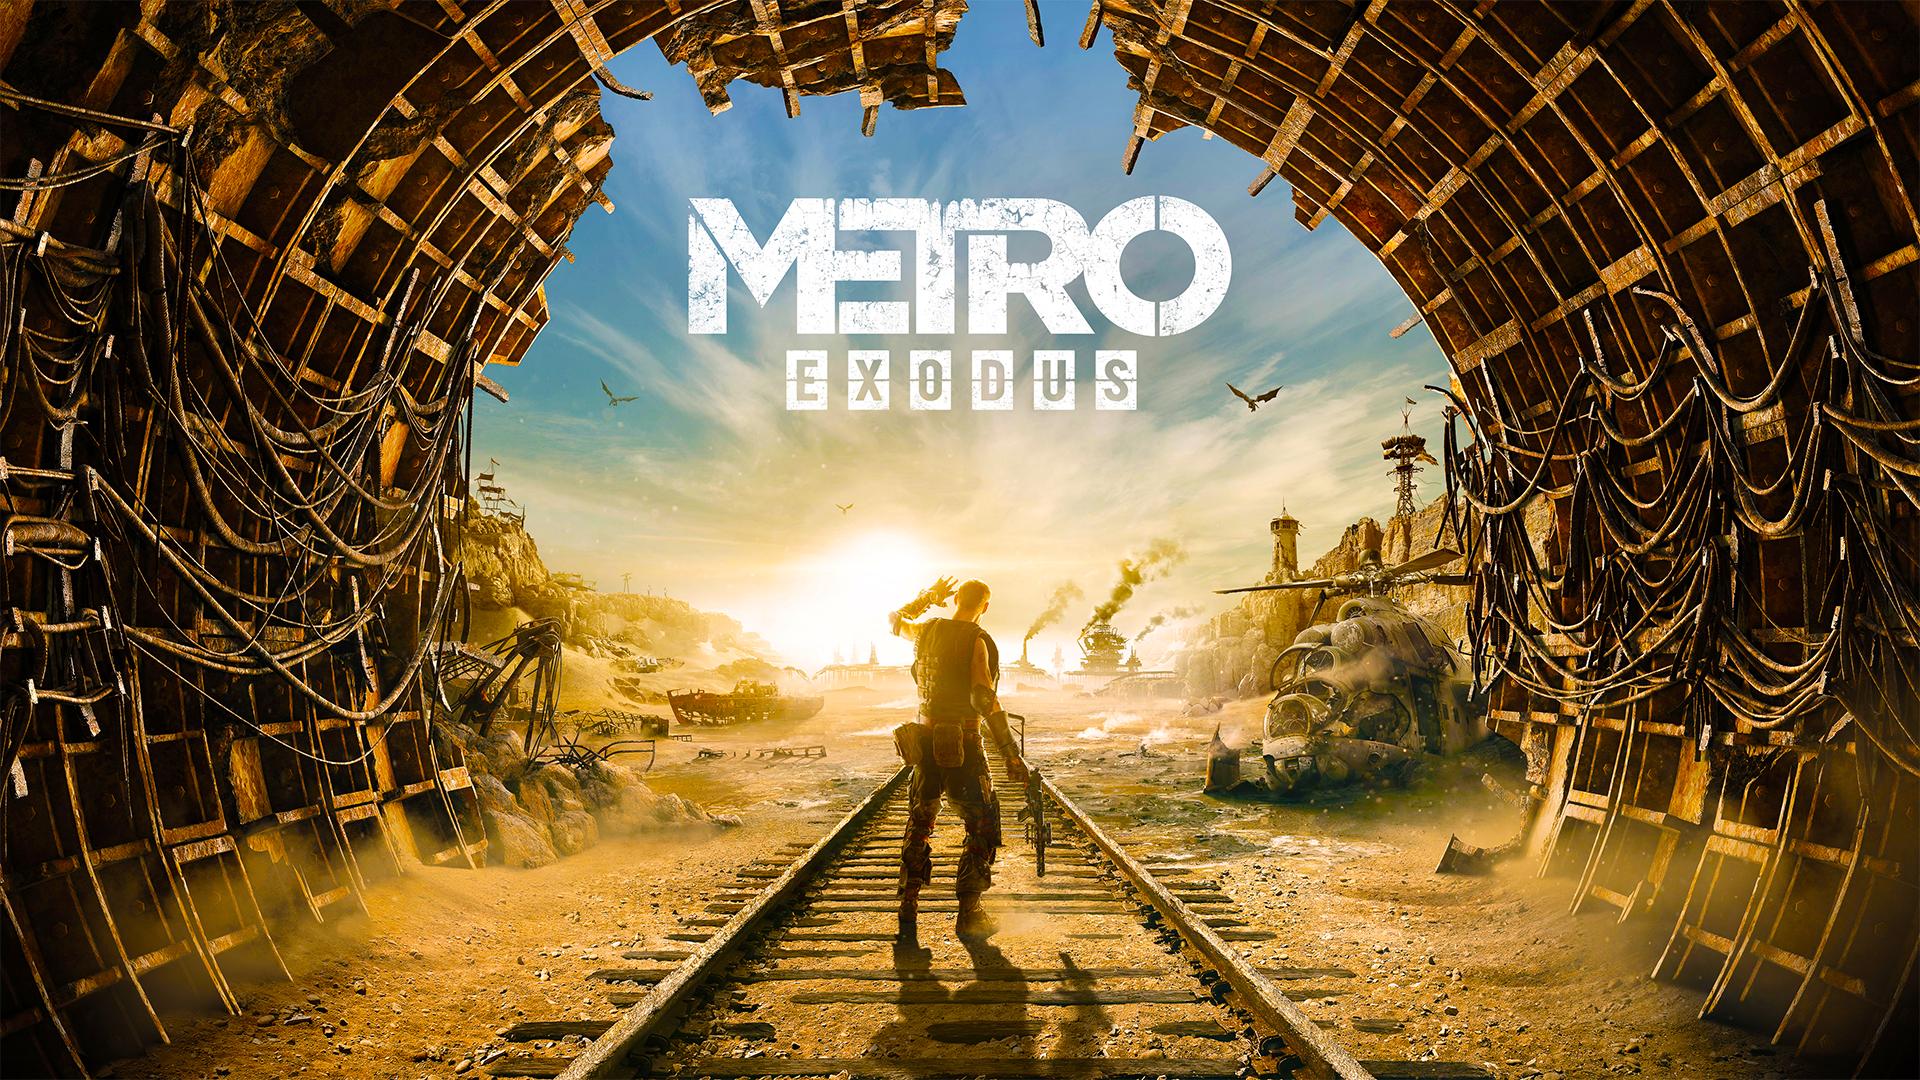 MEVCUT SAHİPLERİNE ÜCRETSİZ ! : Metro Exodus PC Enhanced Edition Duyuruldu